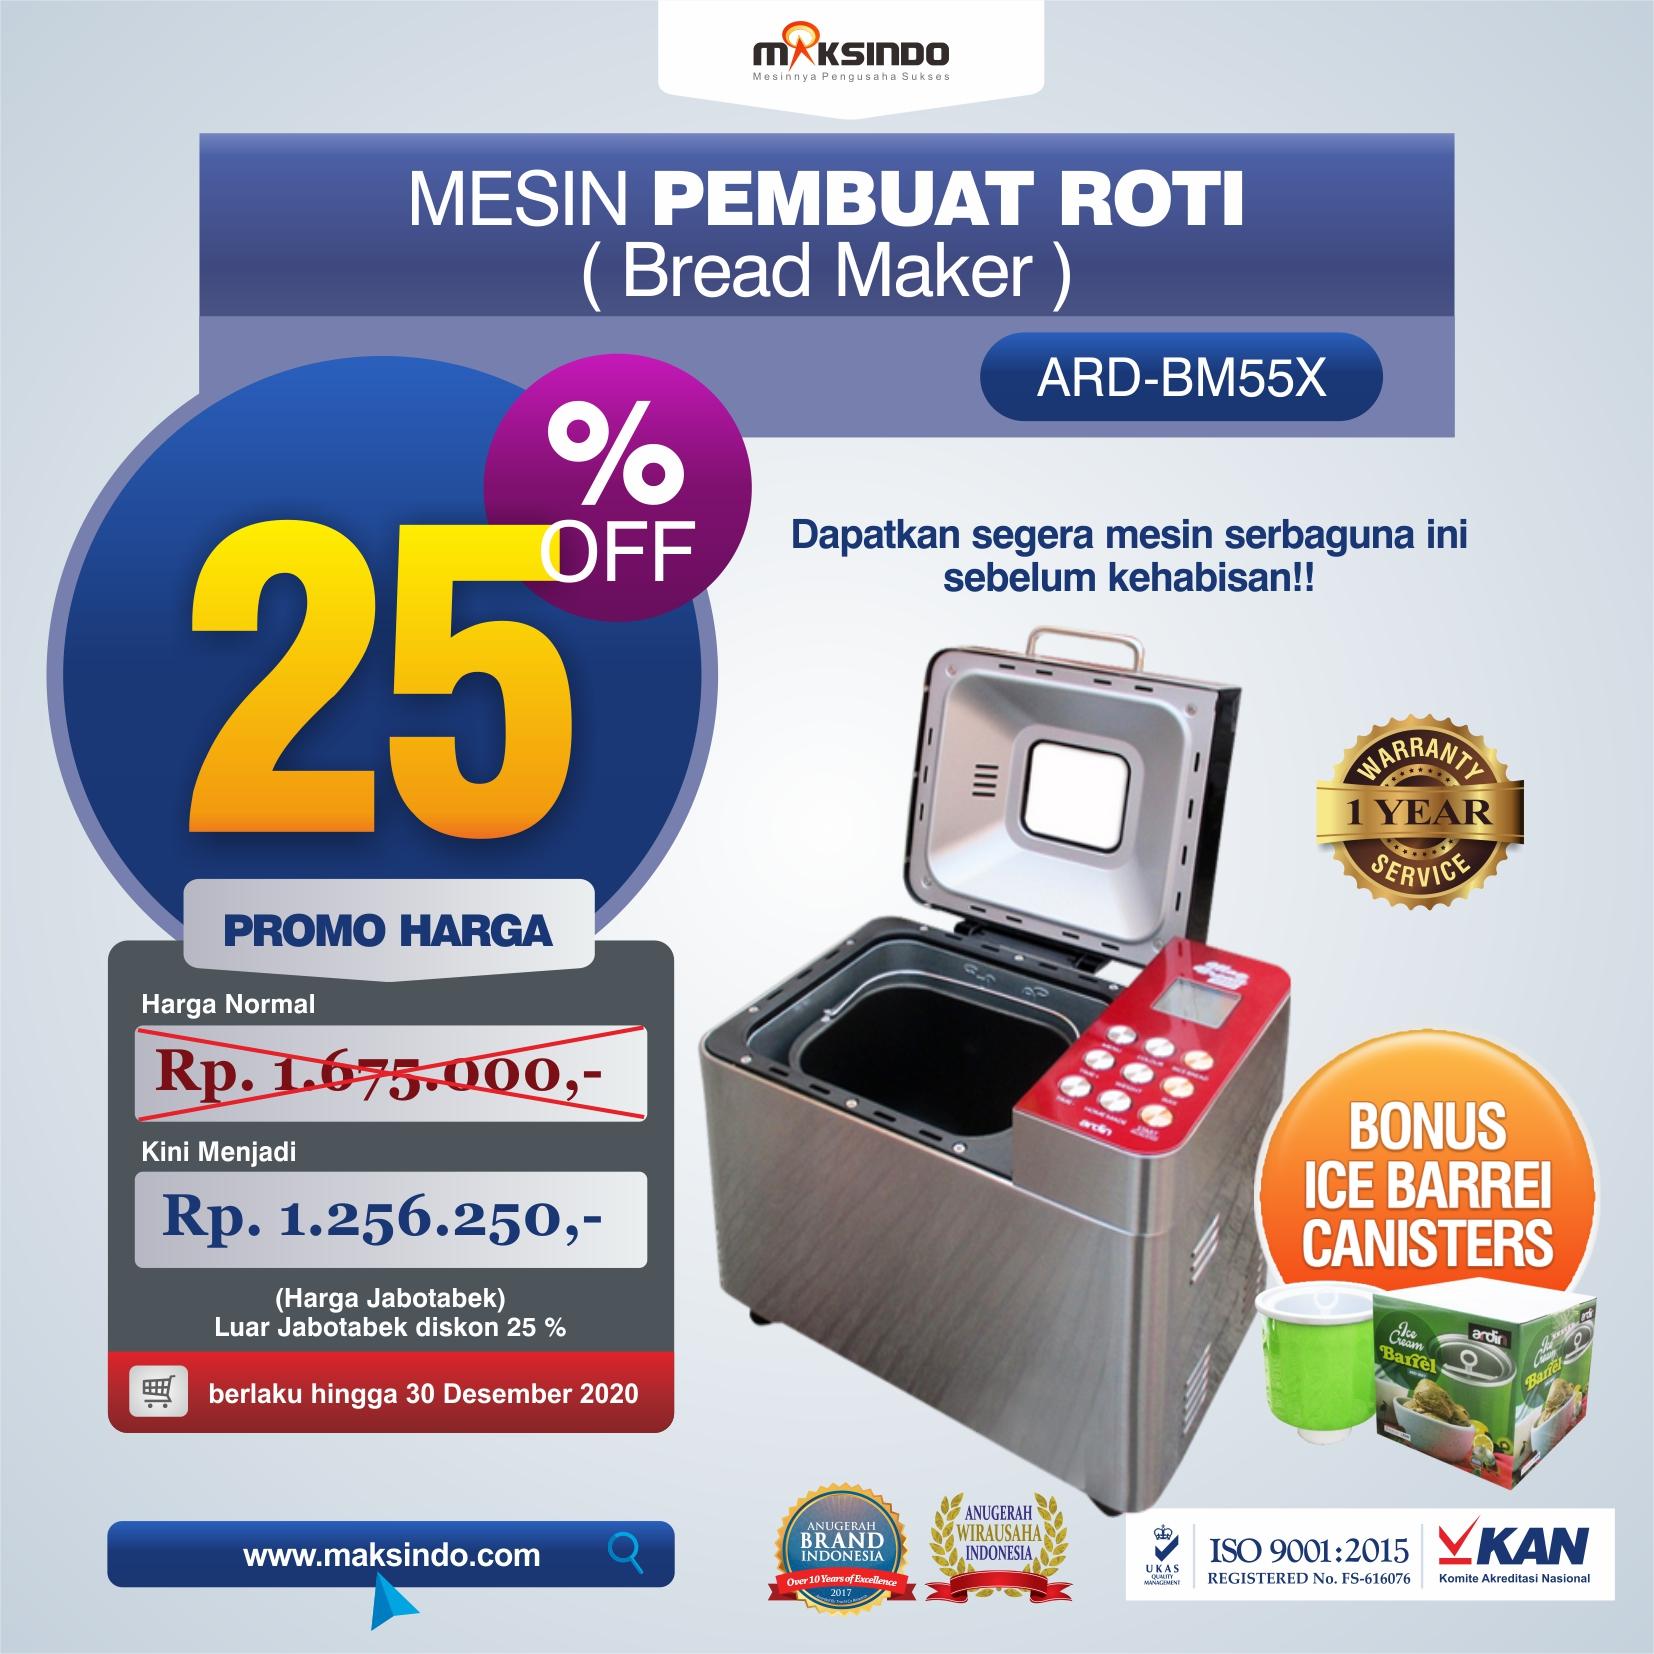 Jual Pembuat Roti Bread Maker ARD-BM55X di Malang